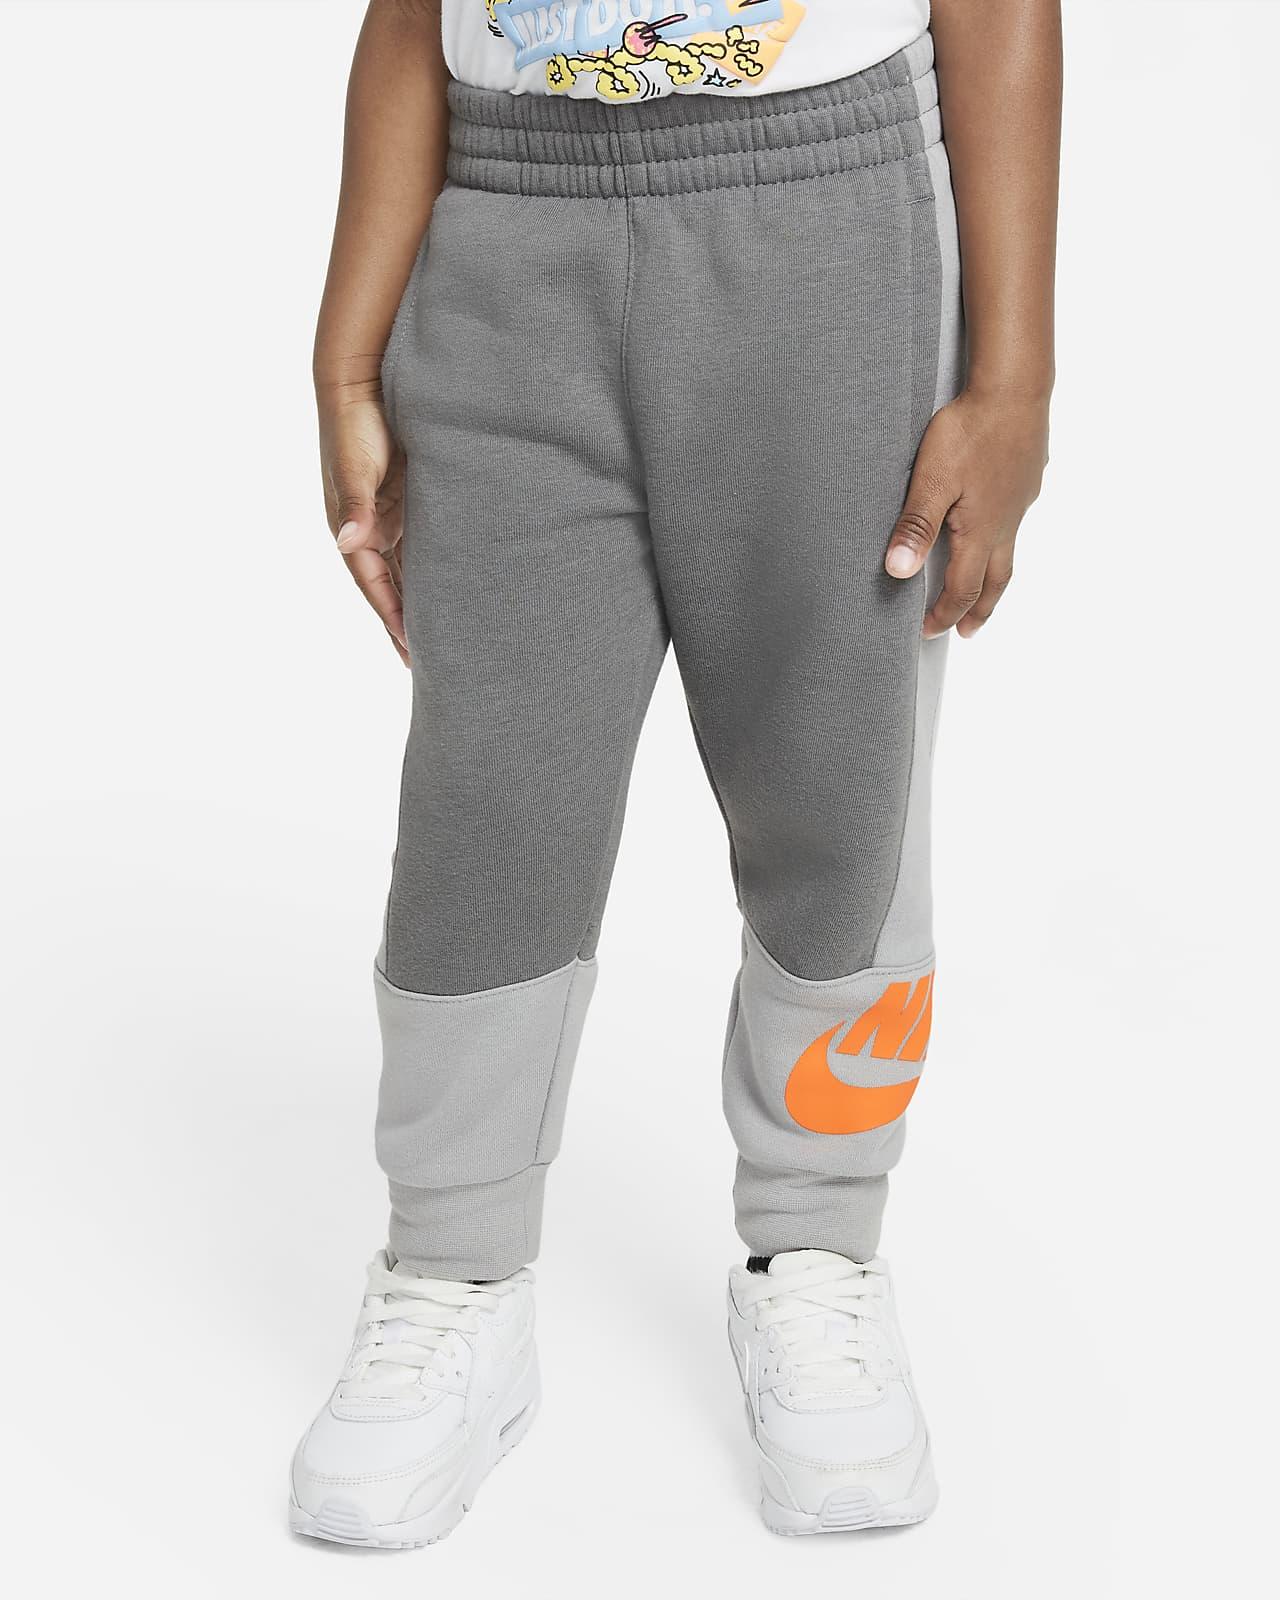 Pantalones para niños pequeños Nike